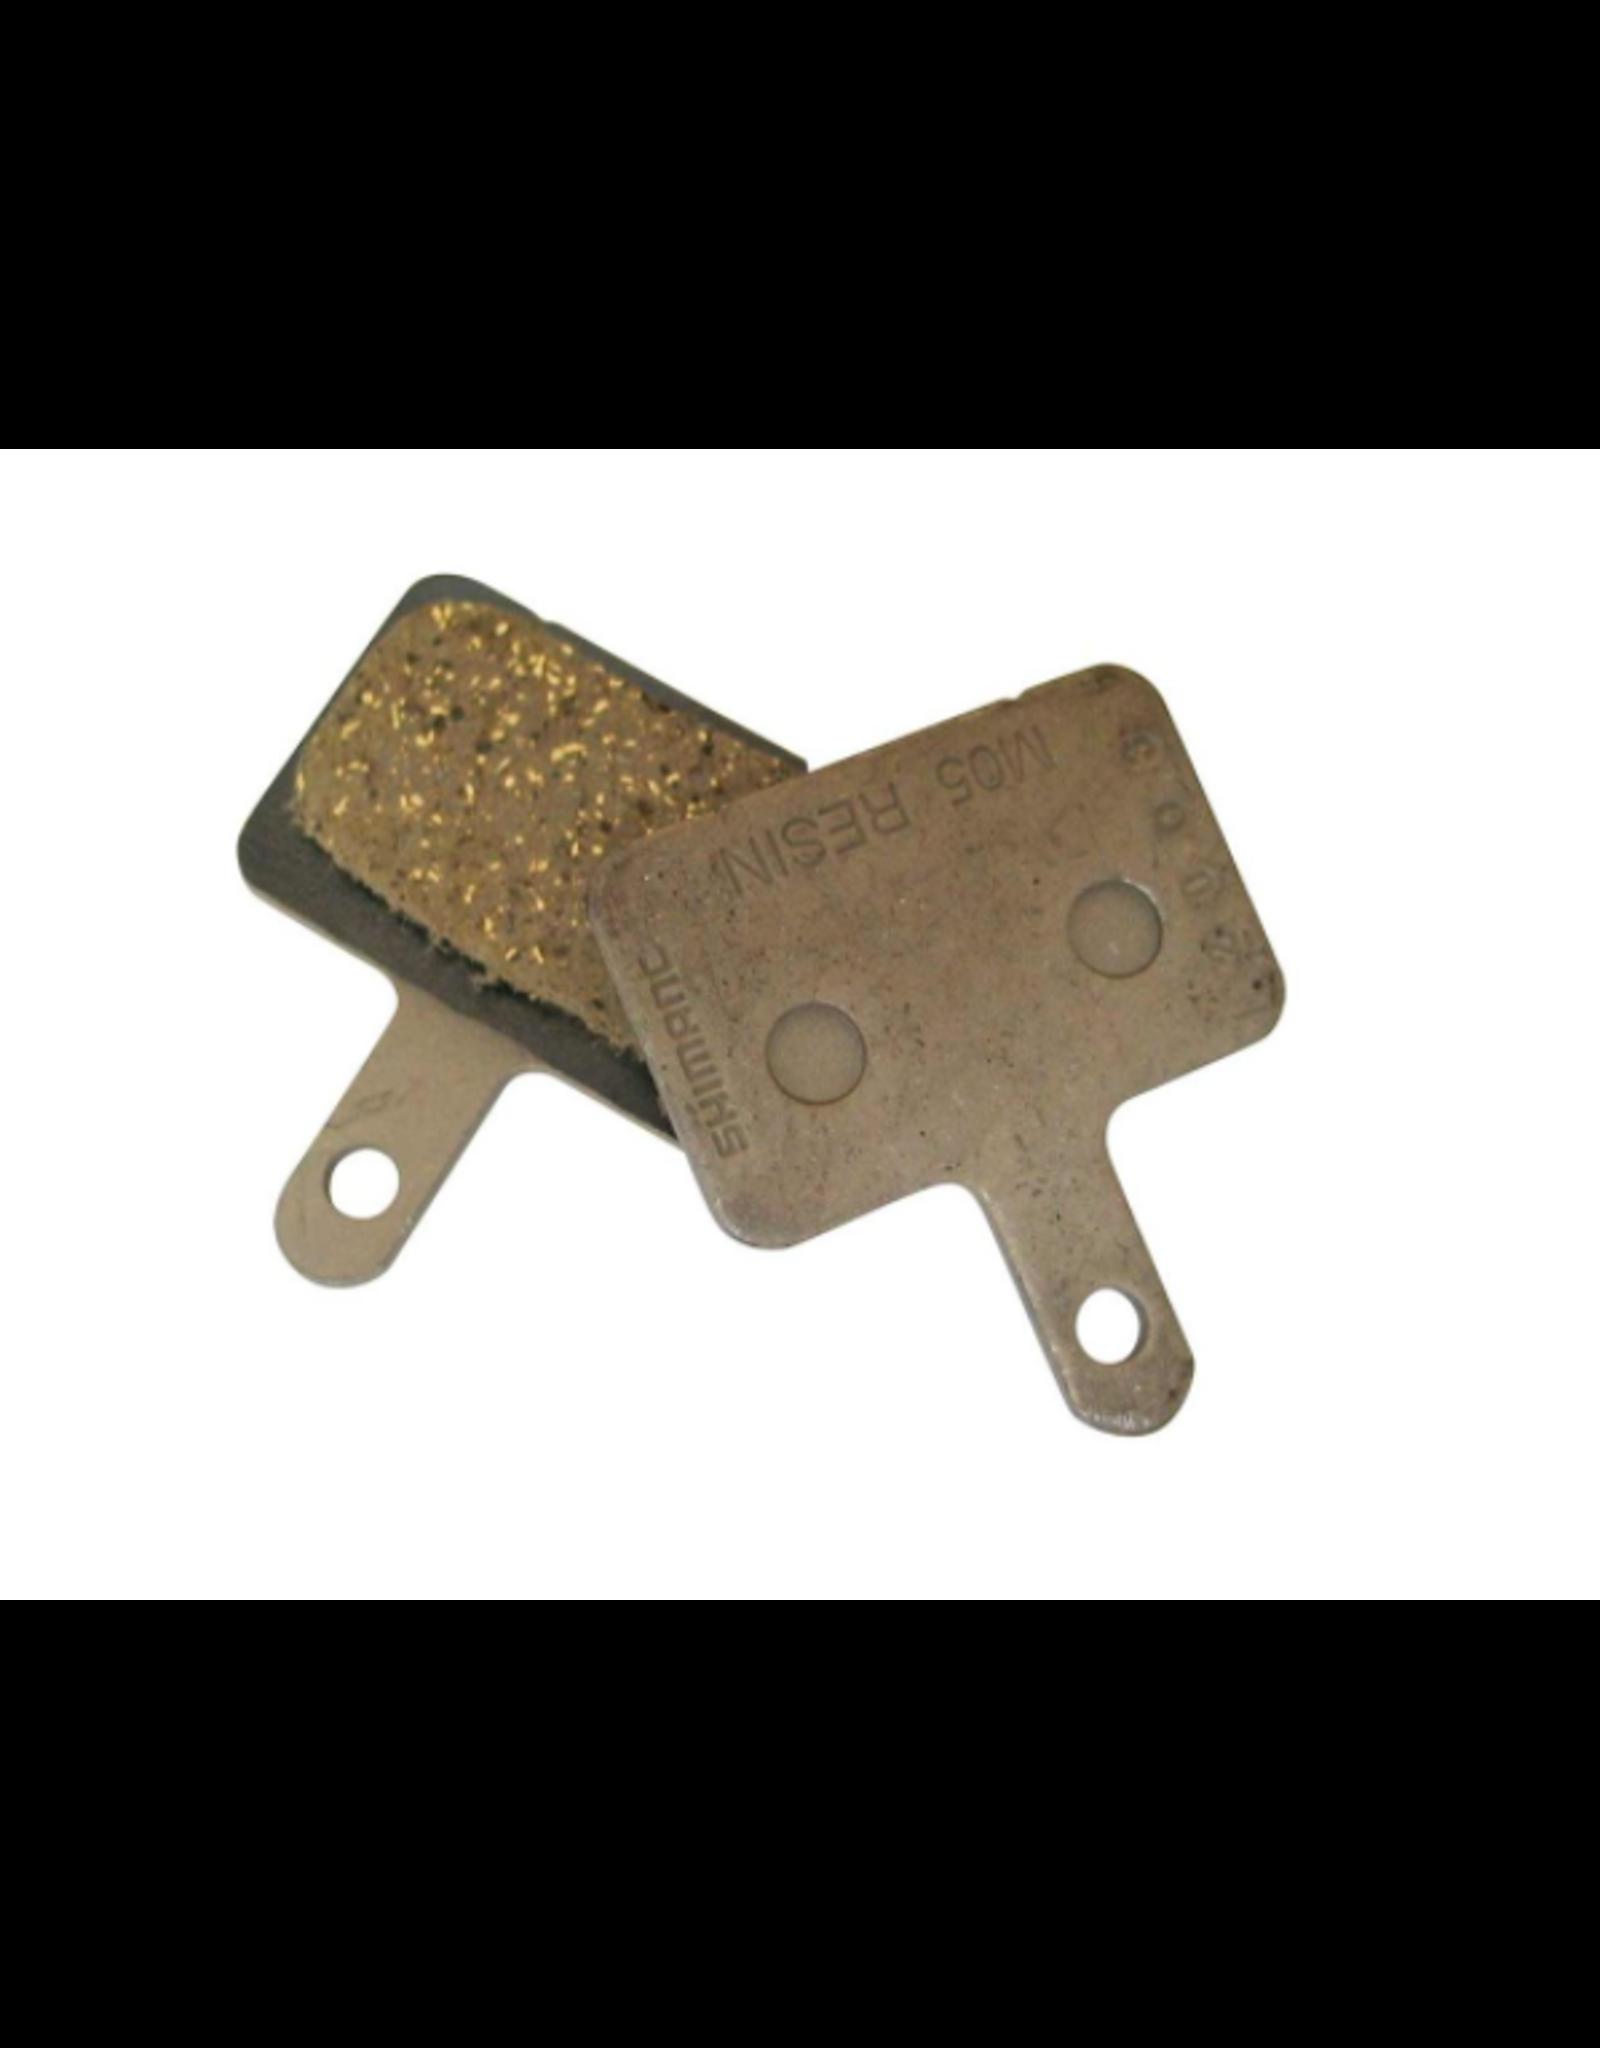 Shimano Shimano, Y8B698010, M05, BR-M515, Disc brake pads, Resin, Pair, B type